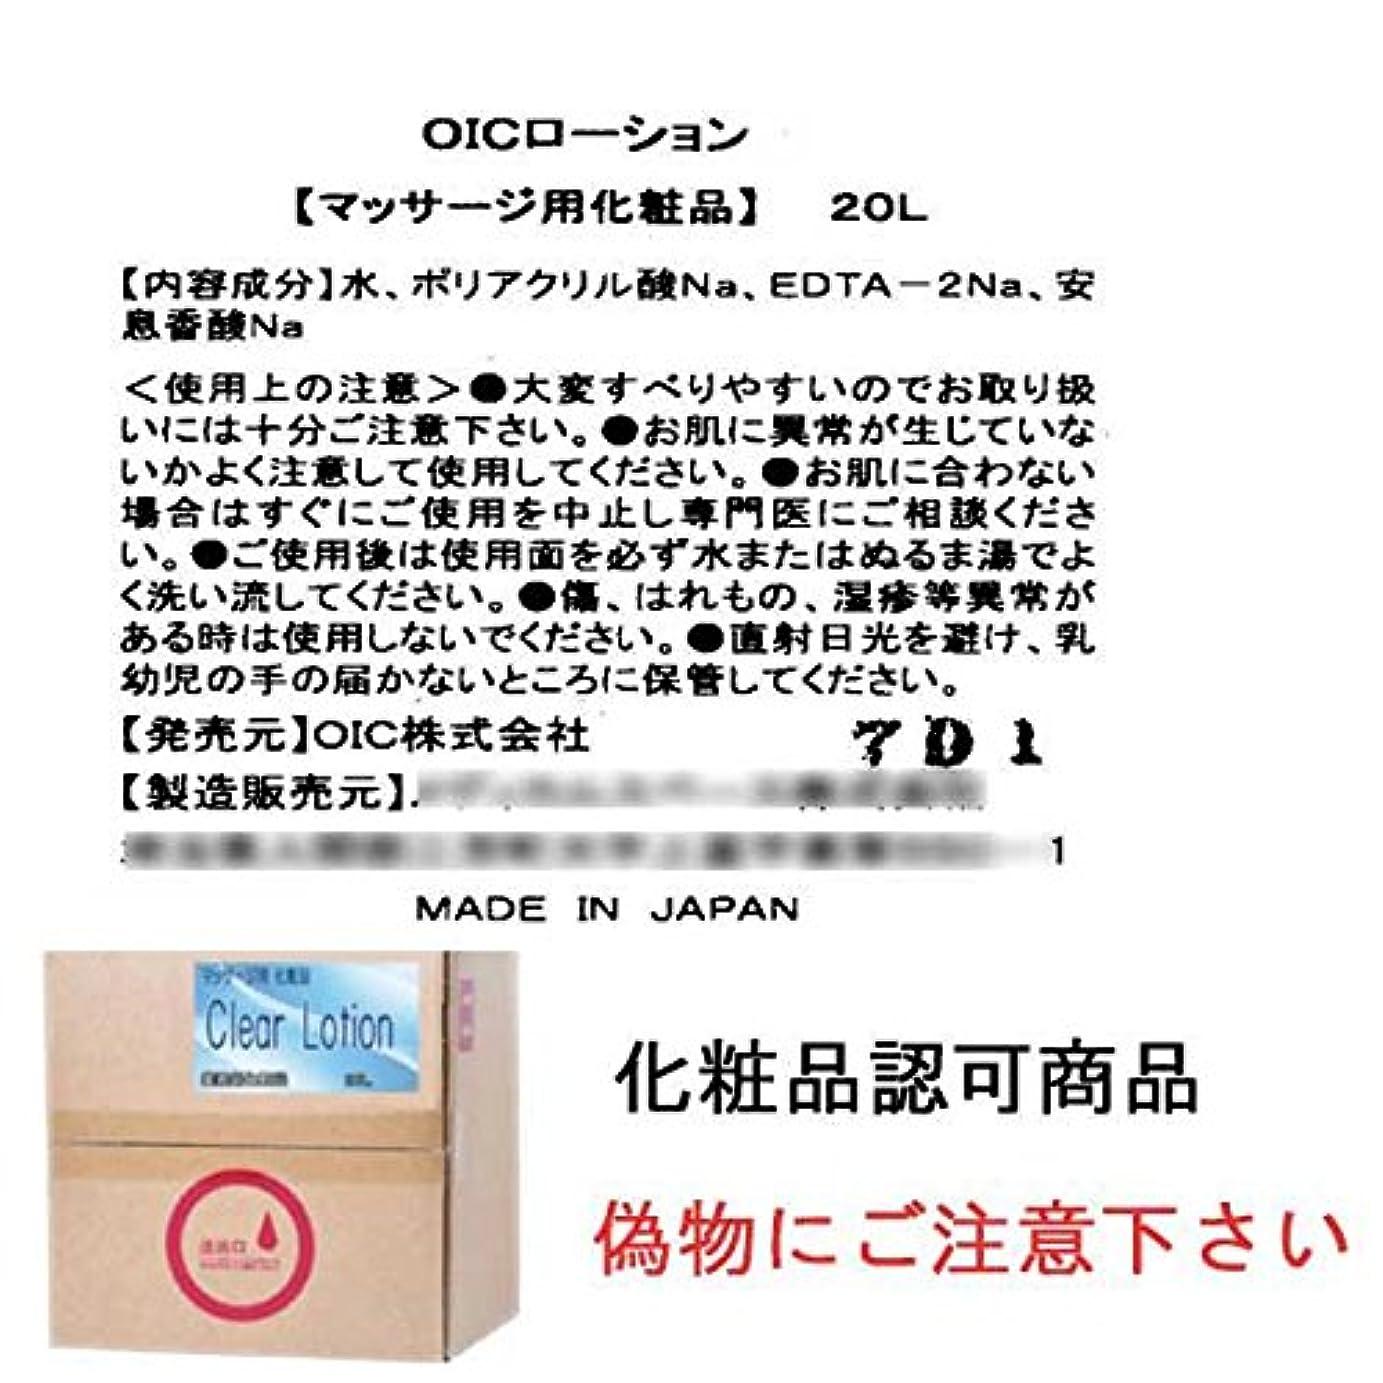 日焼けキャンドル回転業務用ローション(保湿タイプ) 20L (クリア(ミディアム)) 販売元オーアイシー(OEM商品)